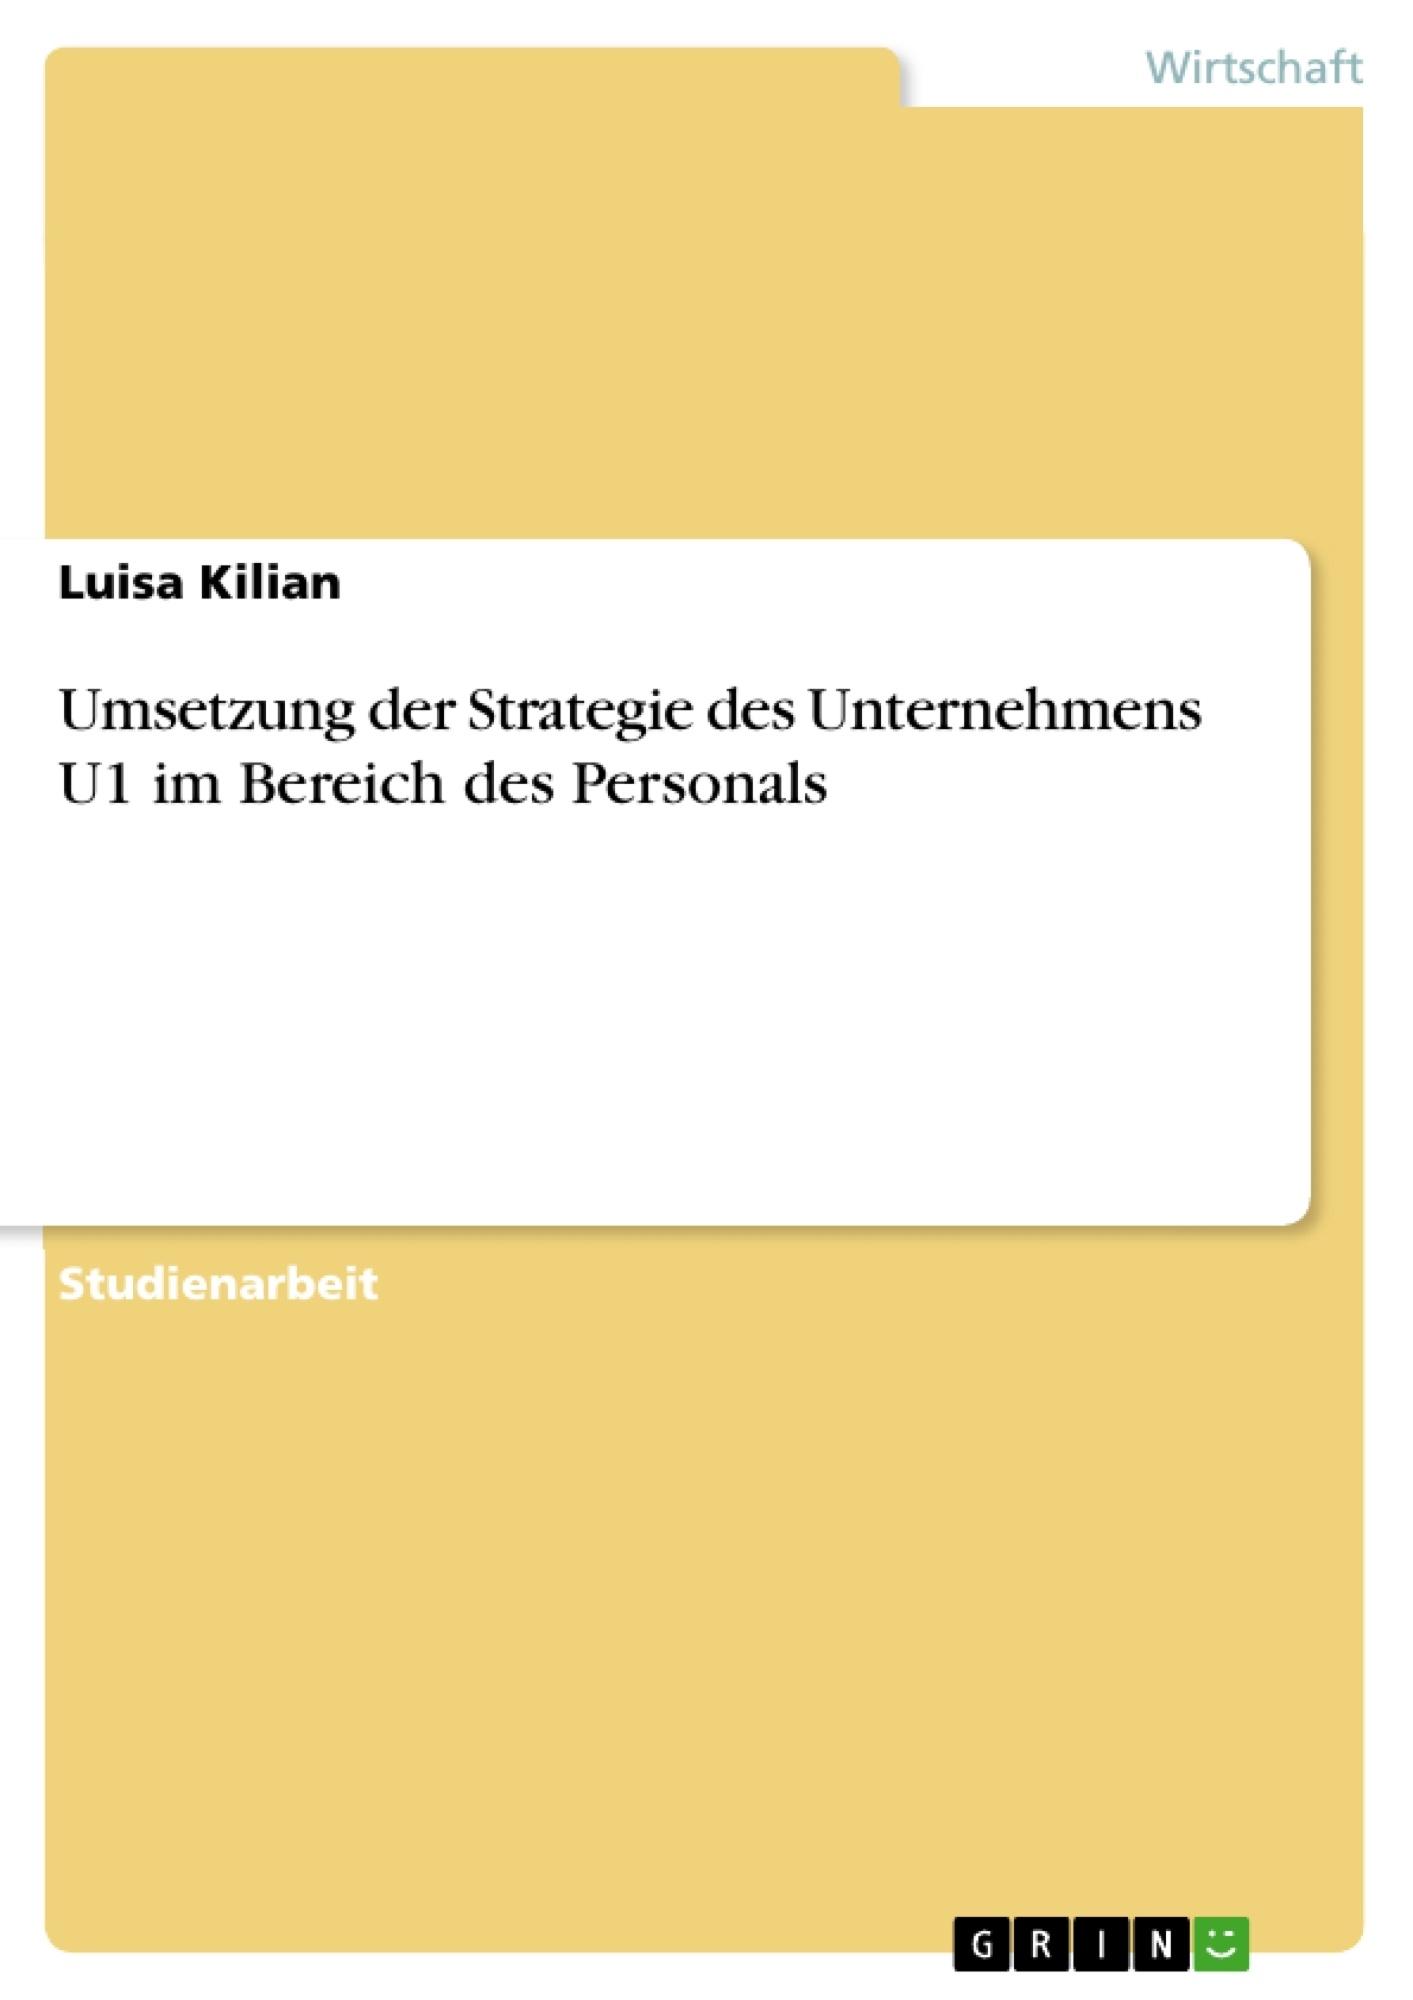 Titel: Umsetzung der Strategie des Unternehmens U1 im Bereich des Personals